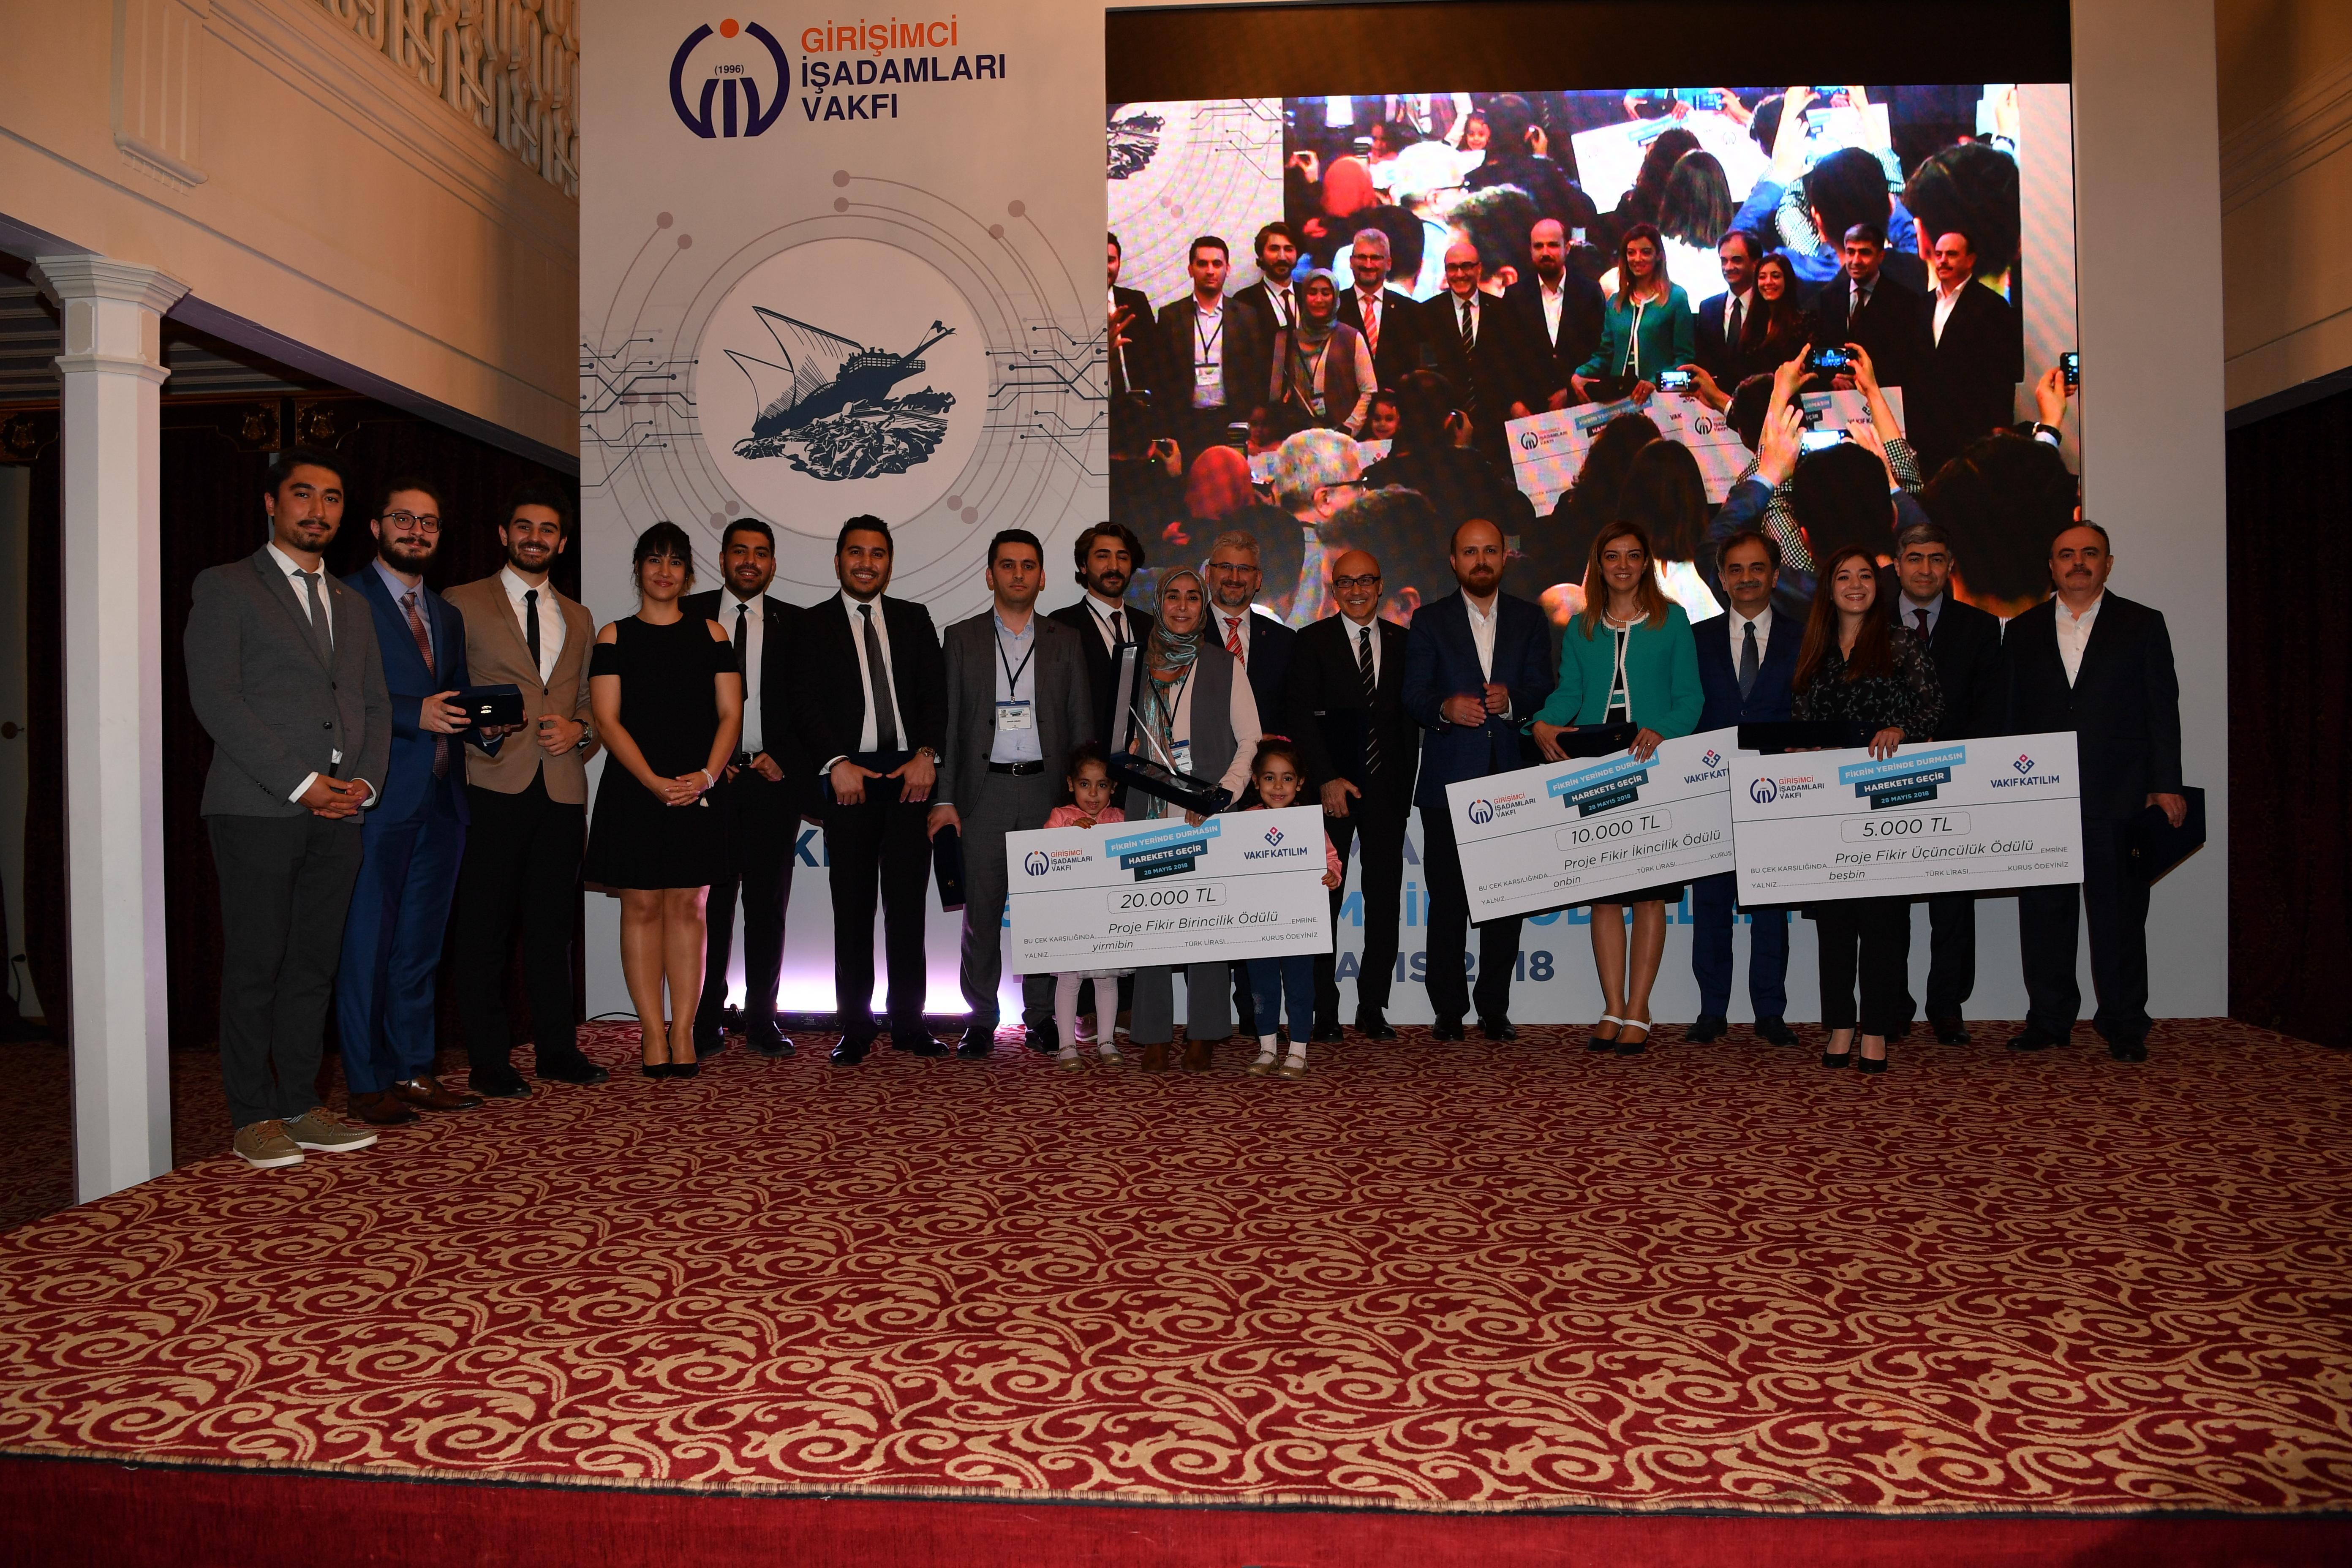 GİV 6. Girişimcilik Ödülleri Toplu Fotoğraf